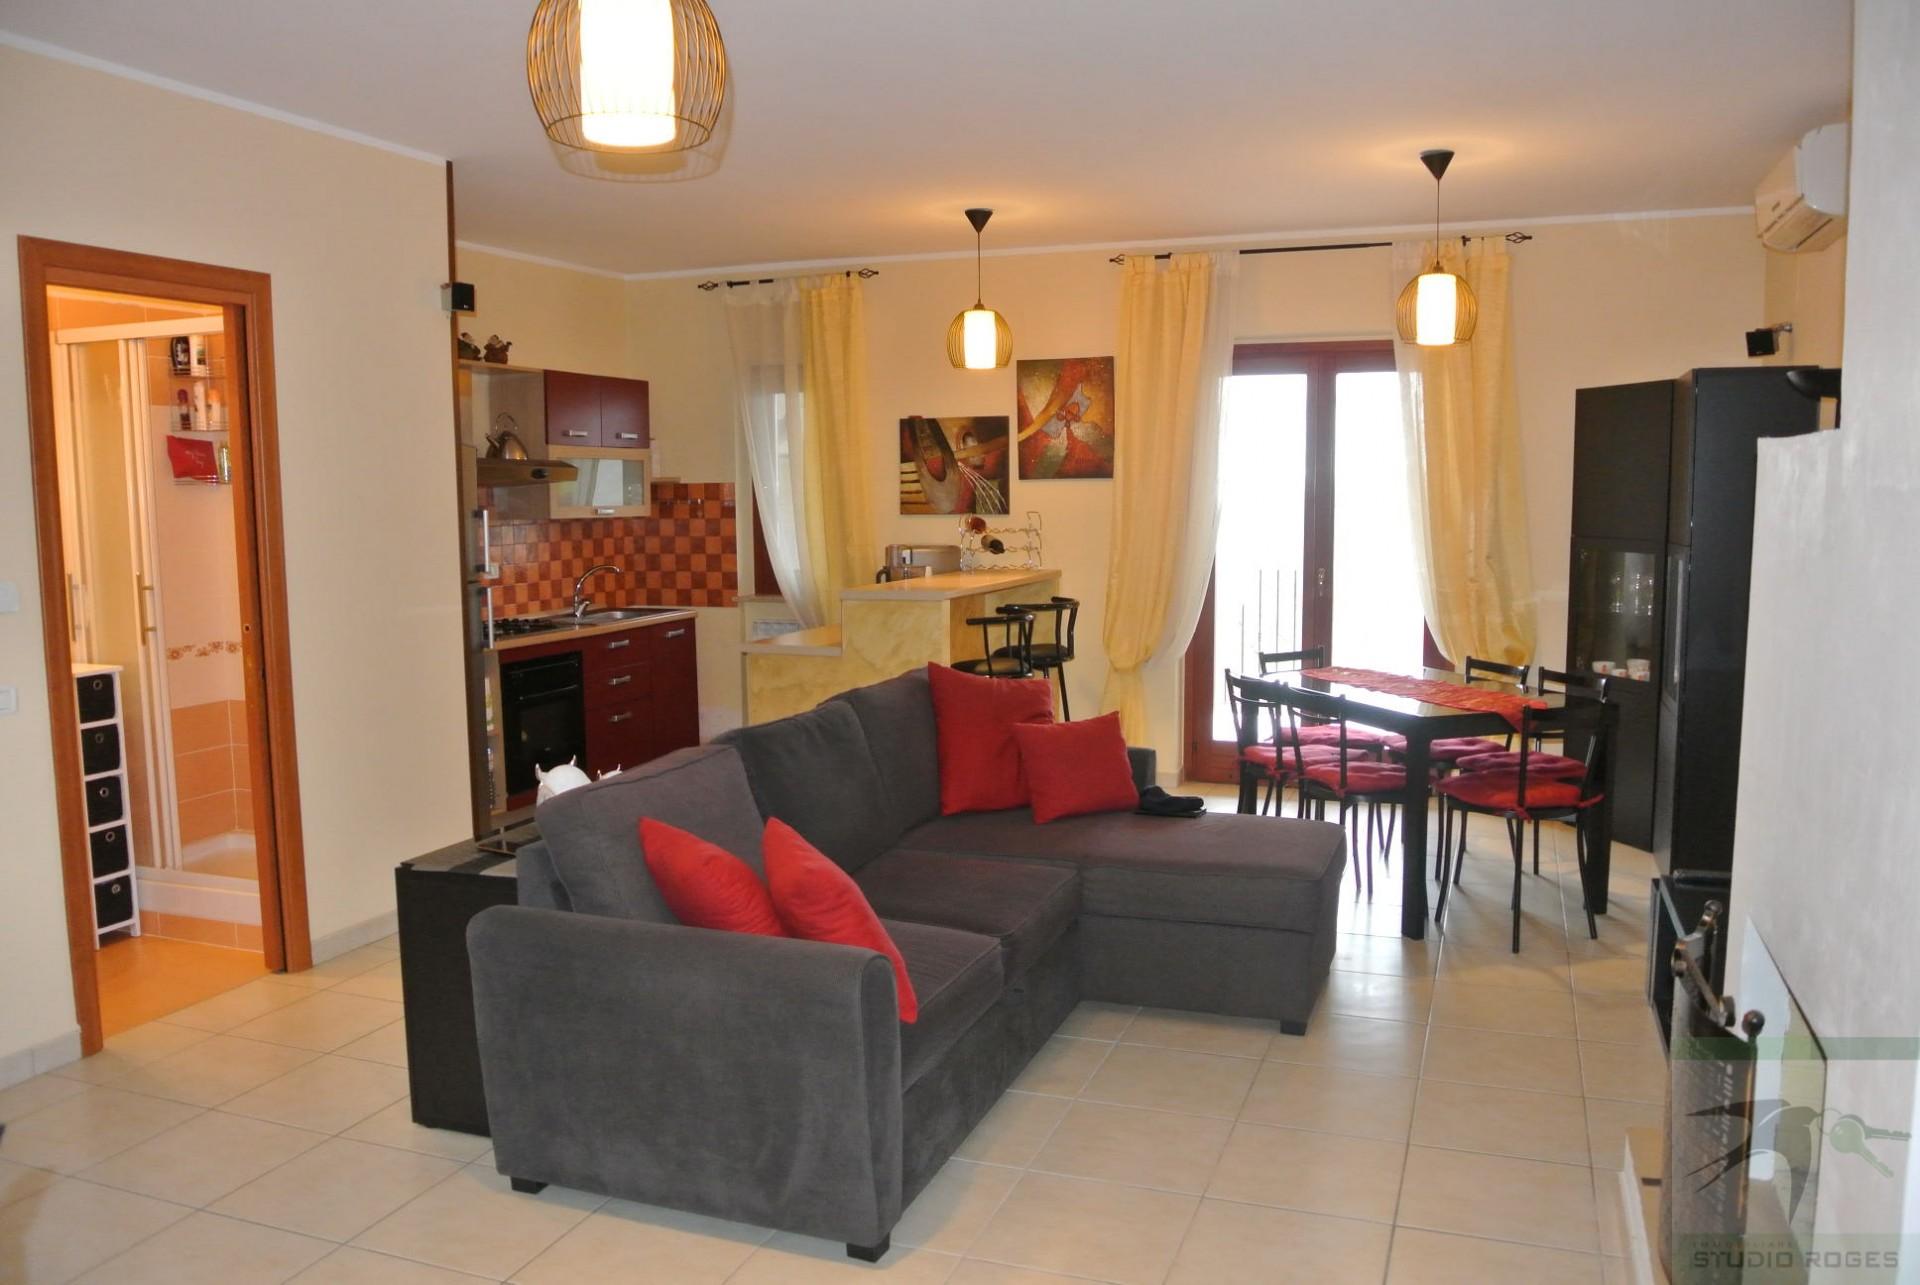 Appartamento in Vendita 123,99 mq - N. camere: 4 - - Zumpano - Zumpano (CS)